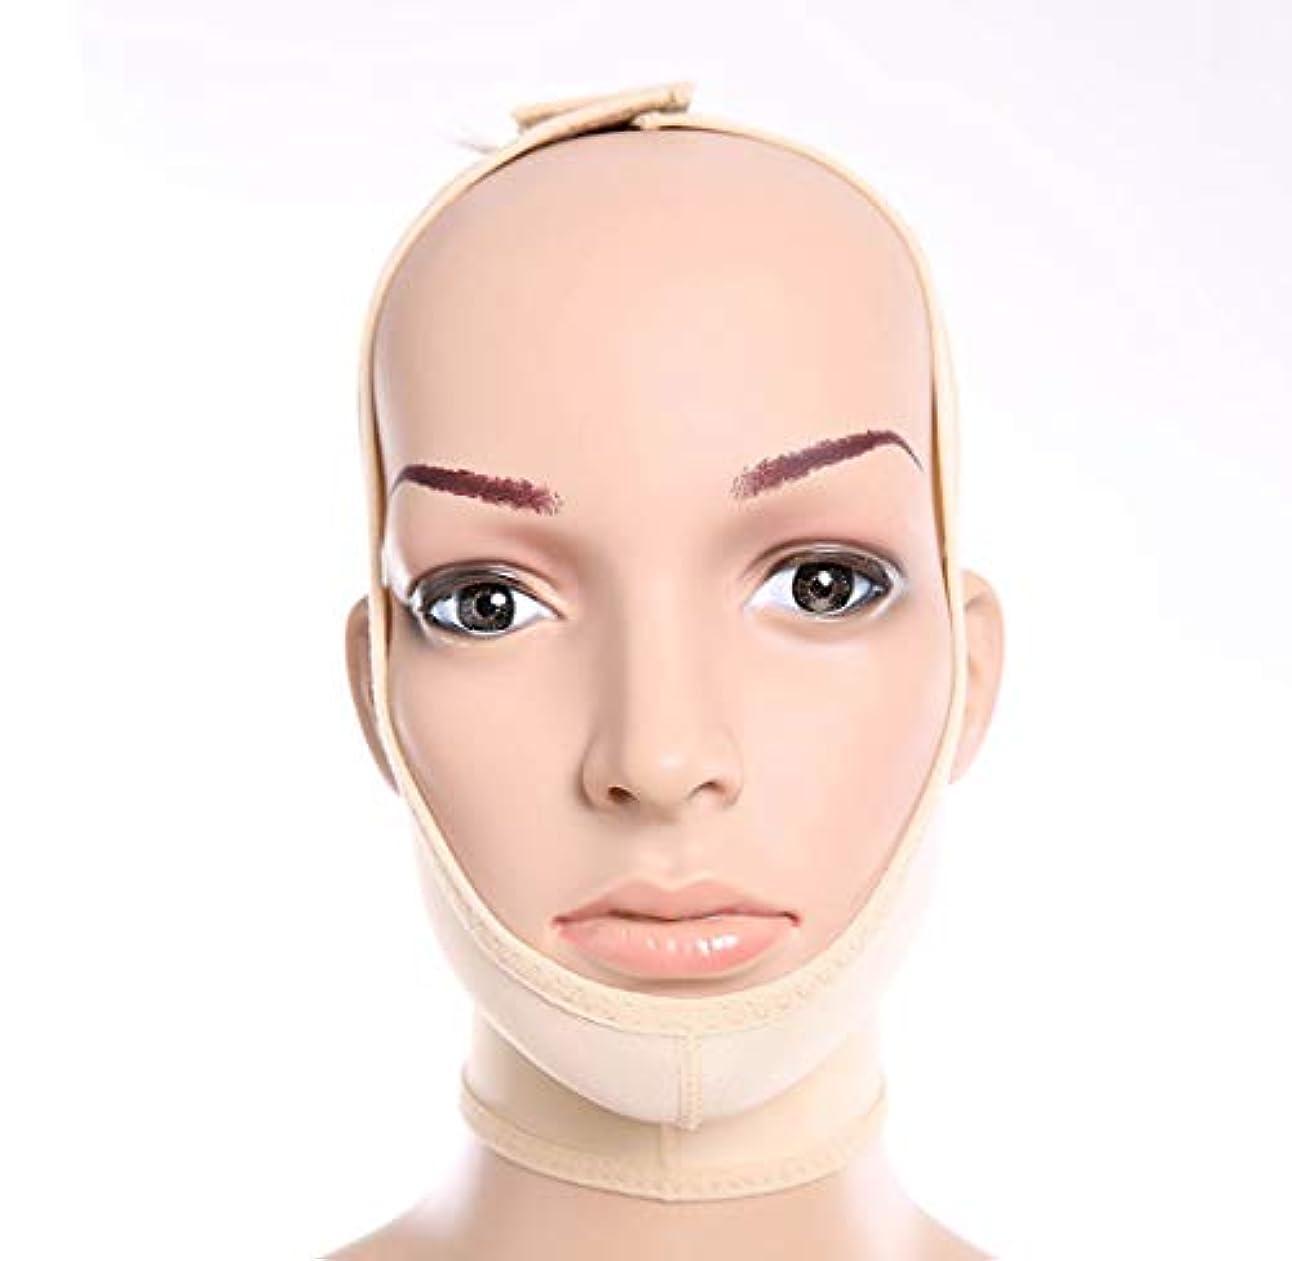 中級挽く記念日GLJJQMY 顔と首リフト減量術後弾性スリーブジョーフェイスアーティファクトVフェイスフェイシャルビームダブルチンシンフェイスウィッグ 顔用整形マスク (Size : XS)